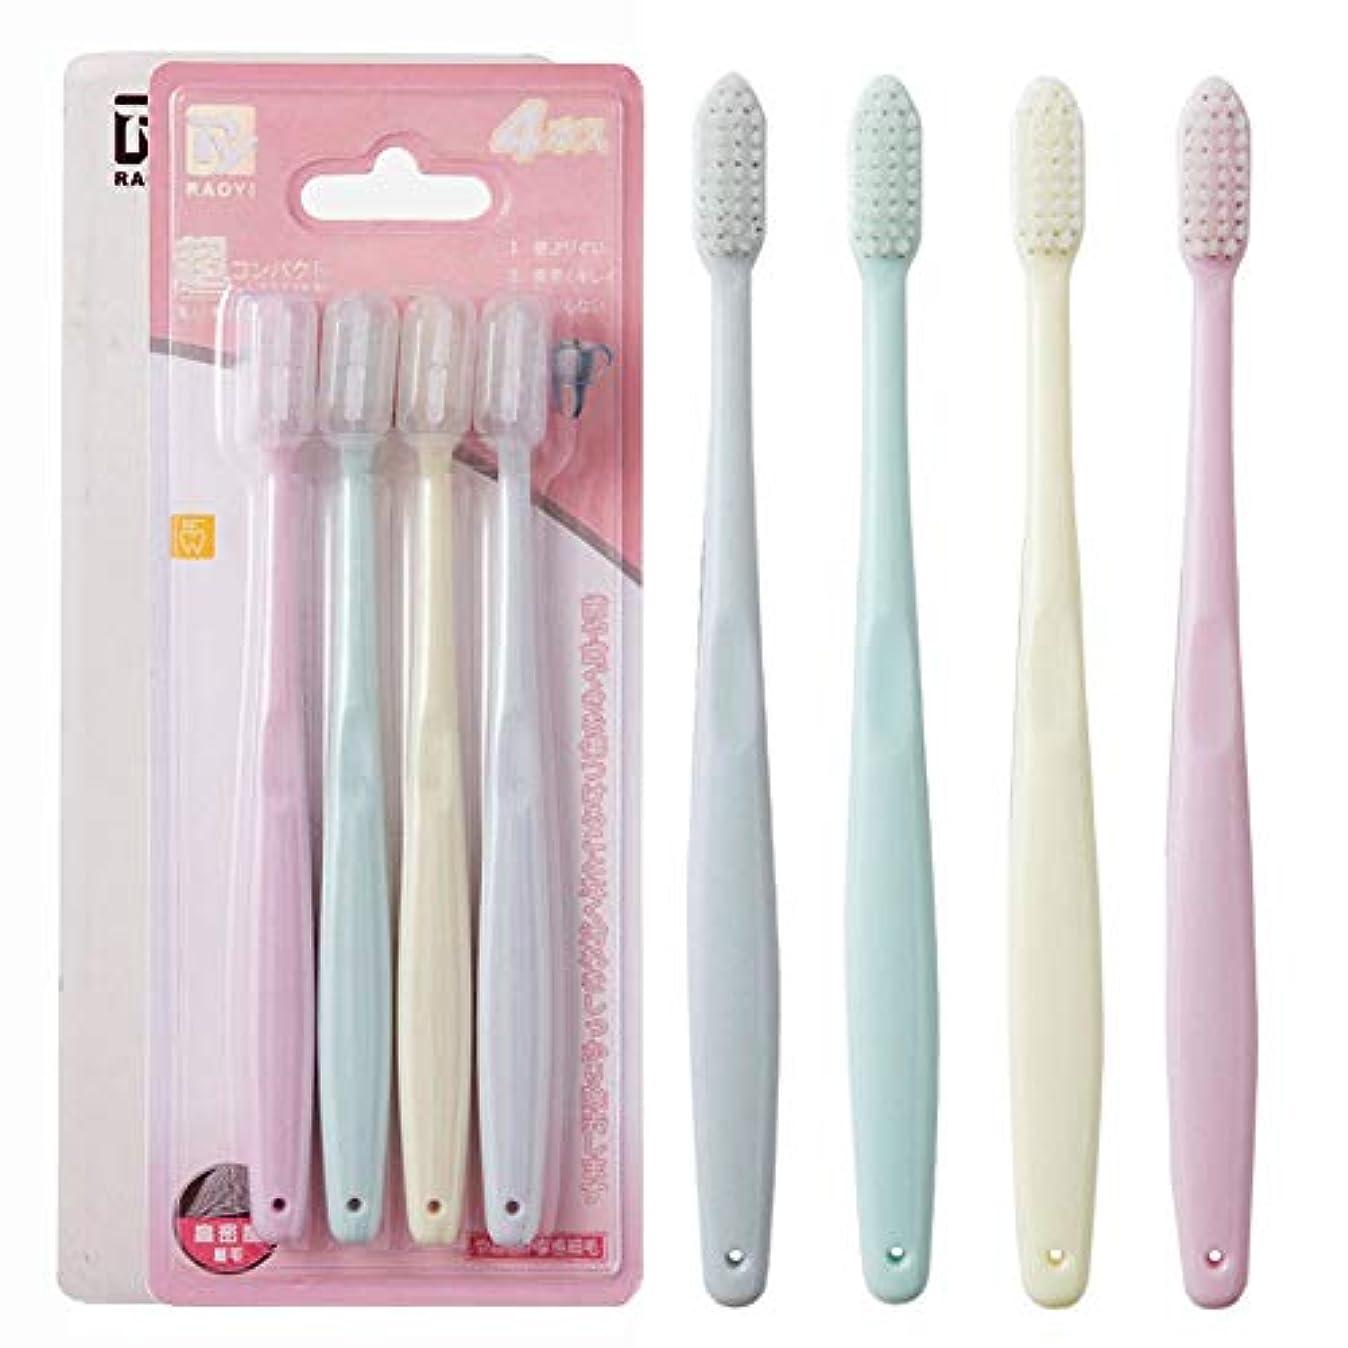 鮫バングラデシュ代数小さな歯ブラシ4本の棒、大人の子供の妊娠中の女性の極細の柔らかい歯ブラシ、歯肉ケア抗歯ブラシ